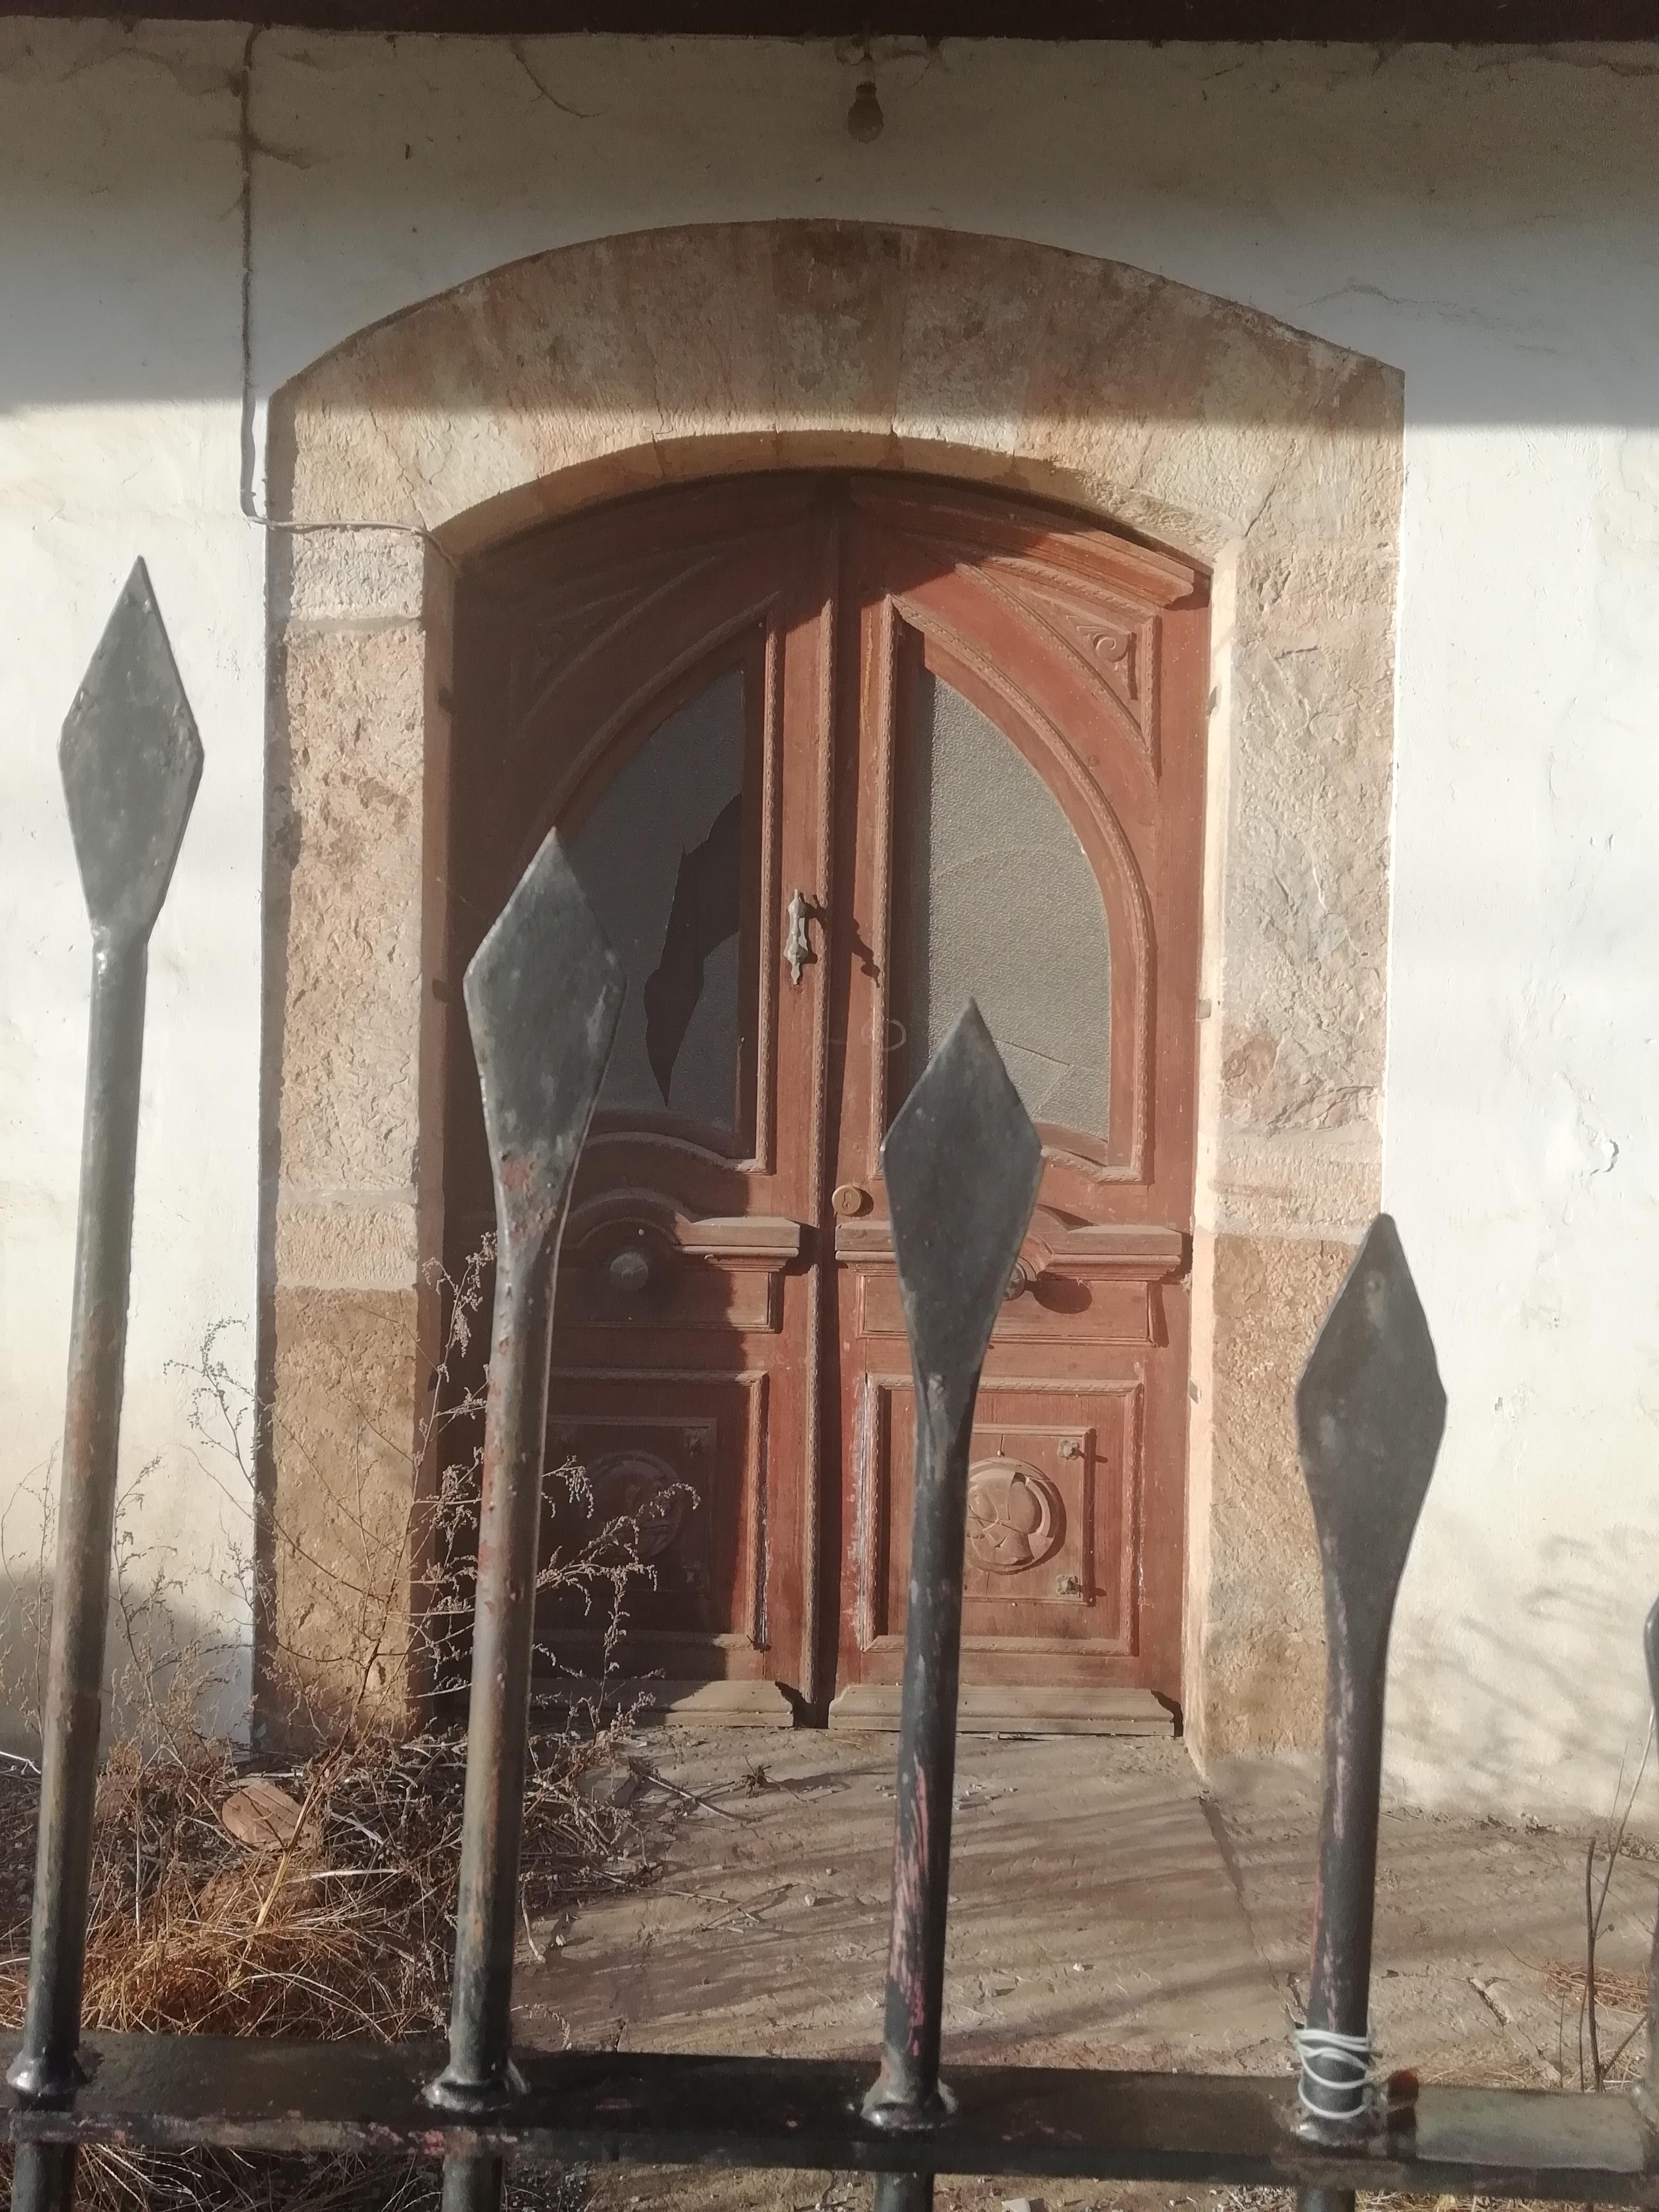 En primer término, una verja. En segundo, una vieja puerta de dos hojas con los cristales rotos.